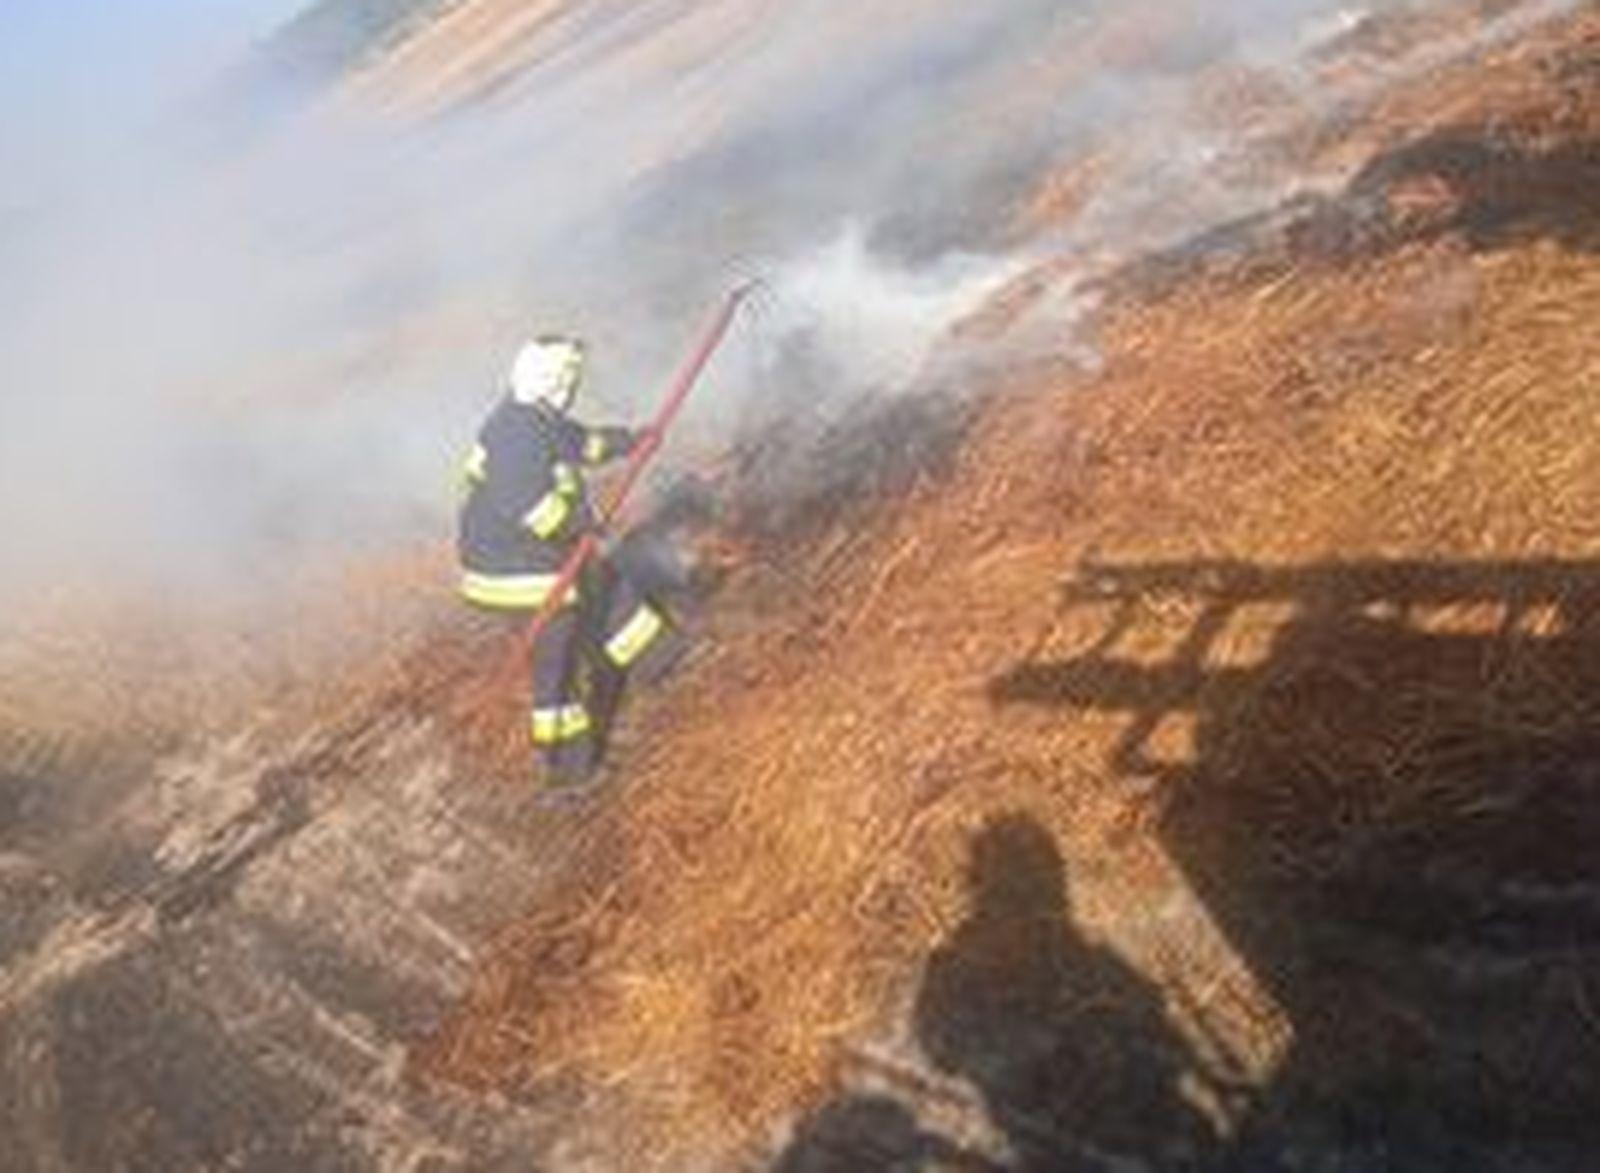 Pożar w Grodzisku. Na miejscu kilka jednostek straży pożarnej [ZDJĘCIA] - Zdjęcie główne